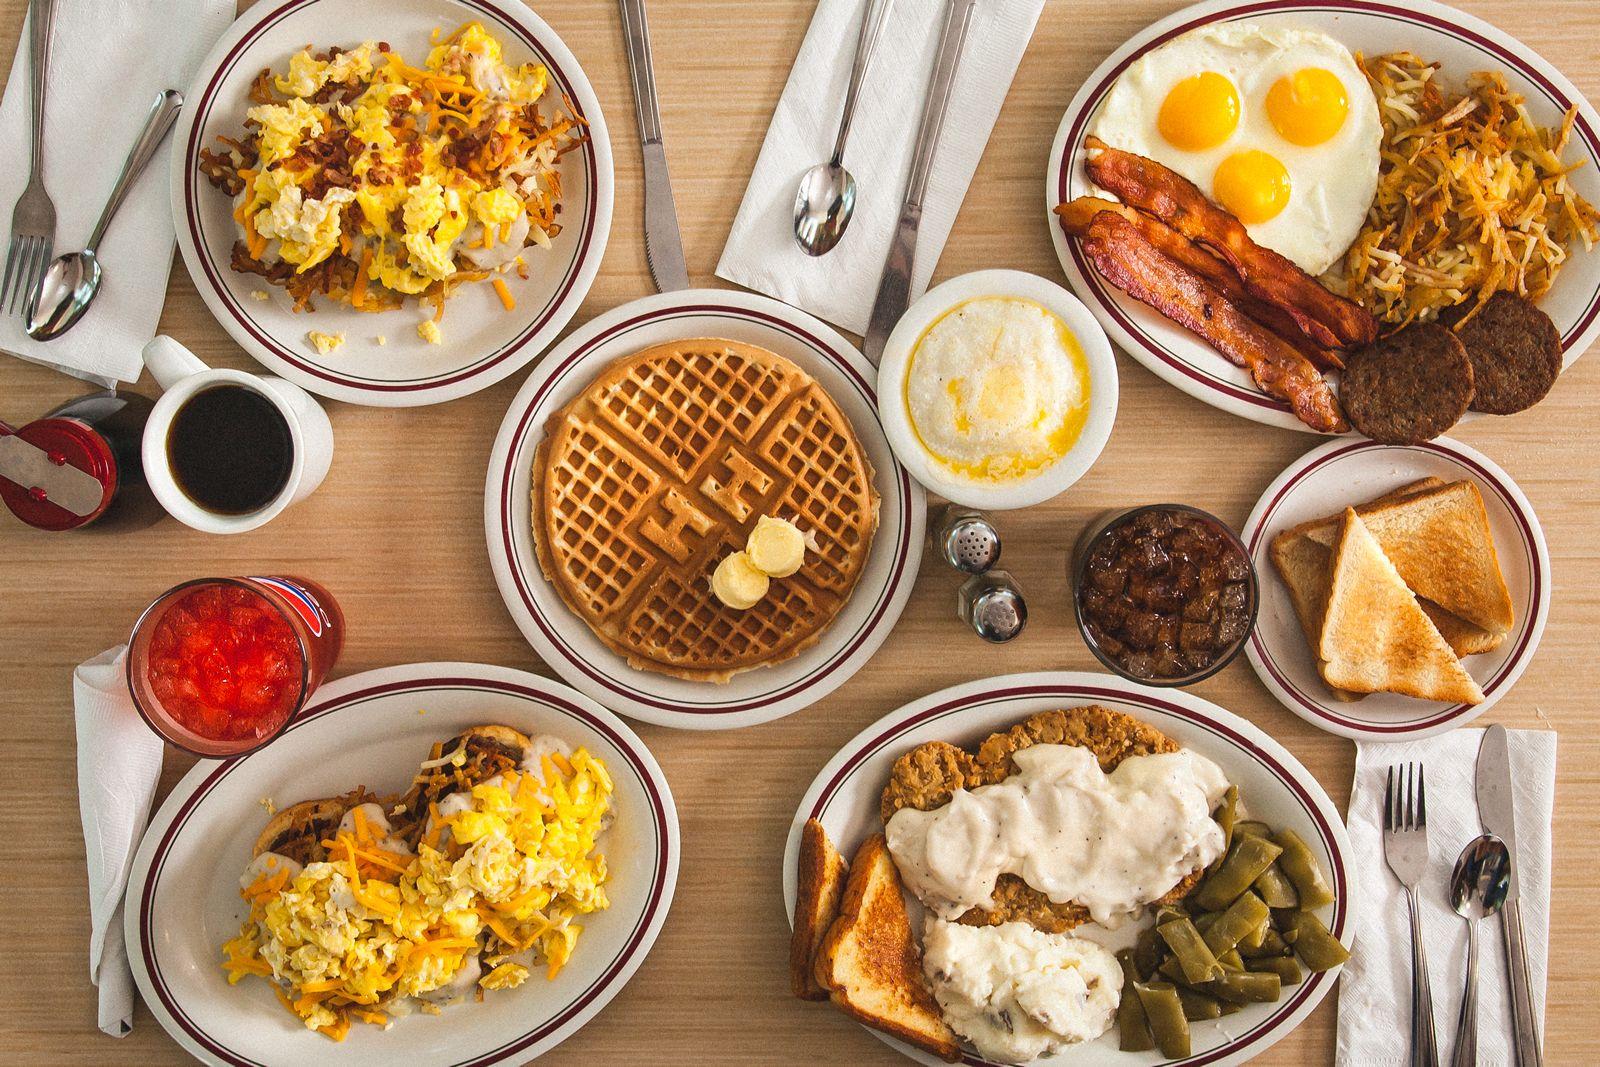 Huddle House poursuit sa croissance rapide en Alabama avec l'ouverture du 43e restaurant